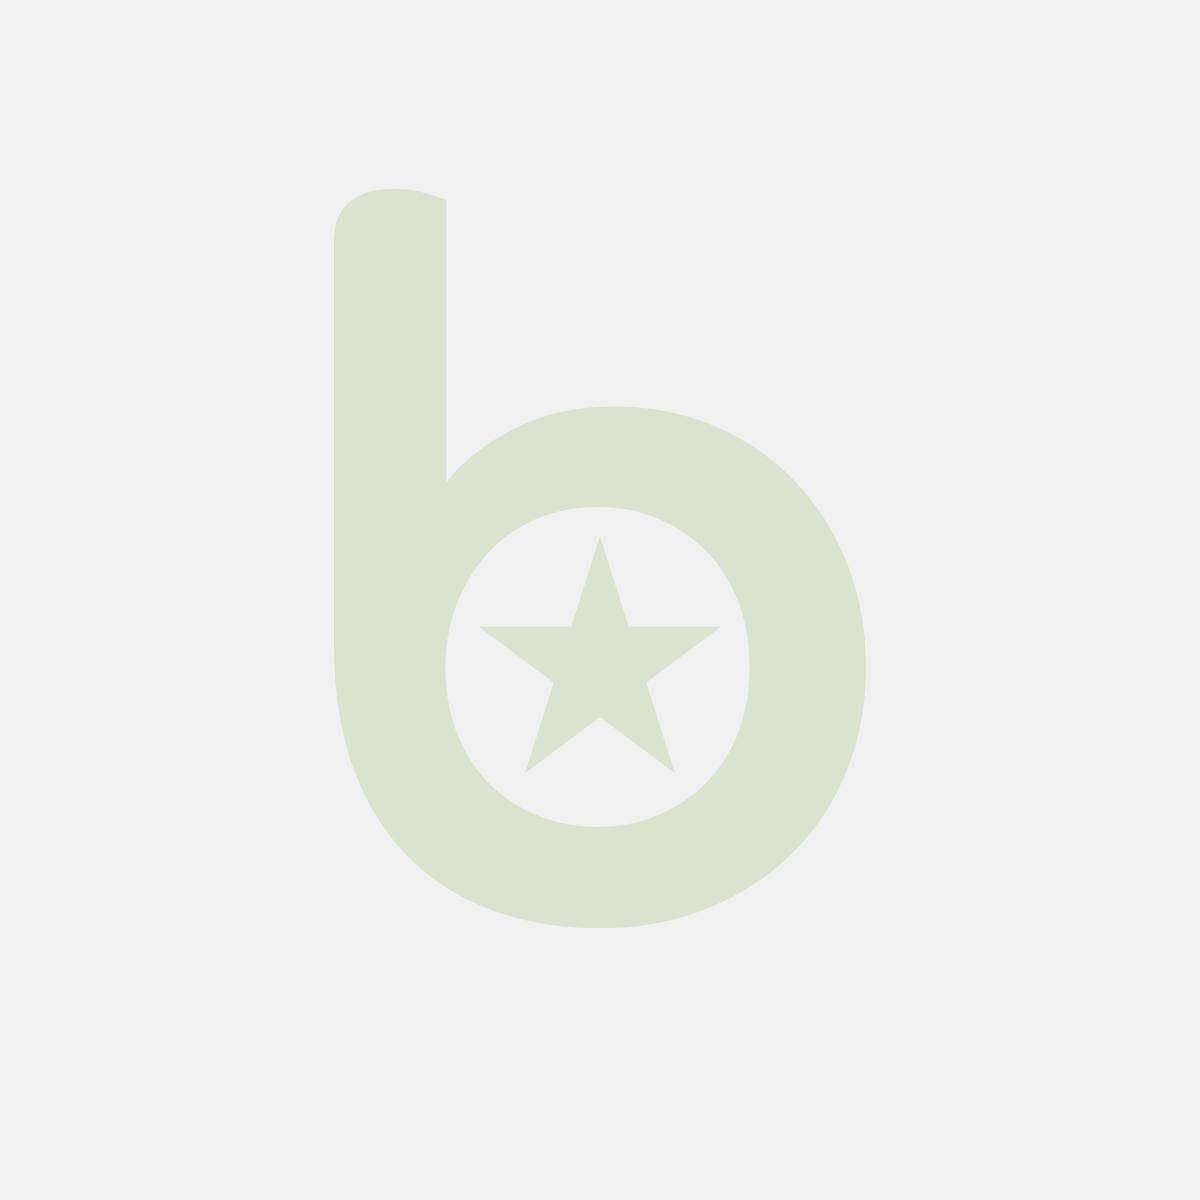 Szafy Mroźnicze Serii Budget Line Z Obudową Ze Stali Nierdzewnej 340